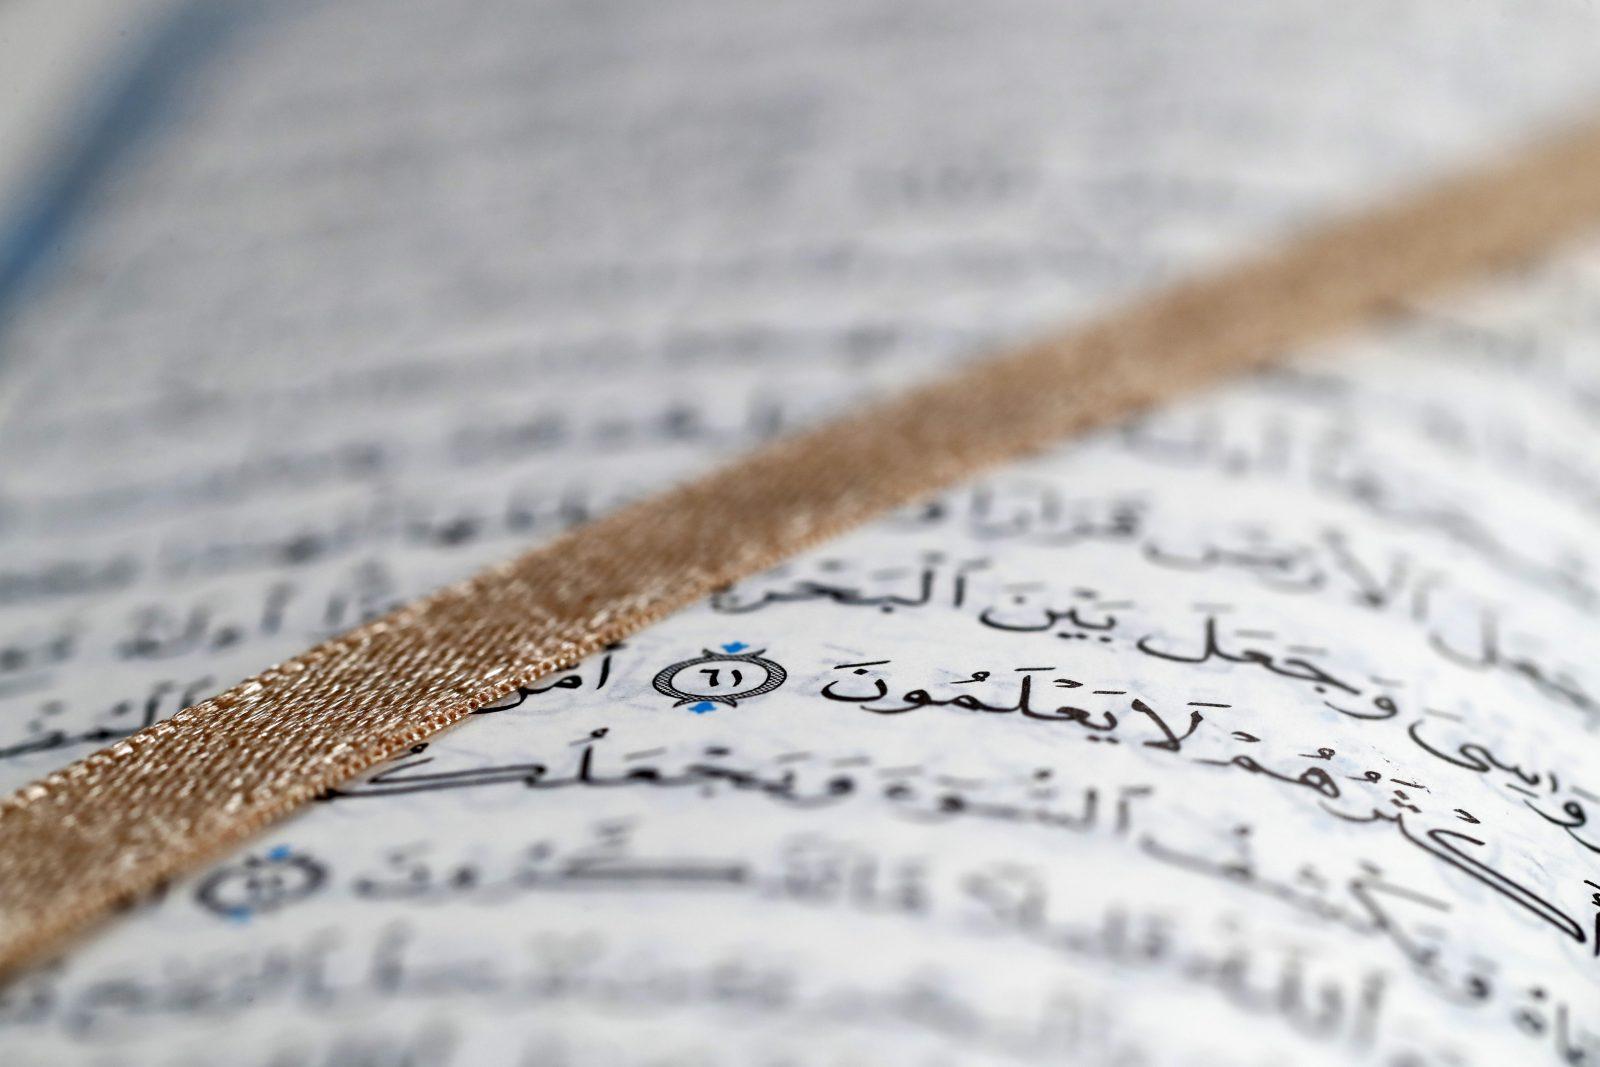 Die heilige Schrift des Islam